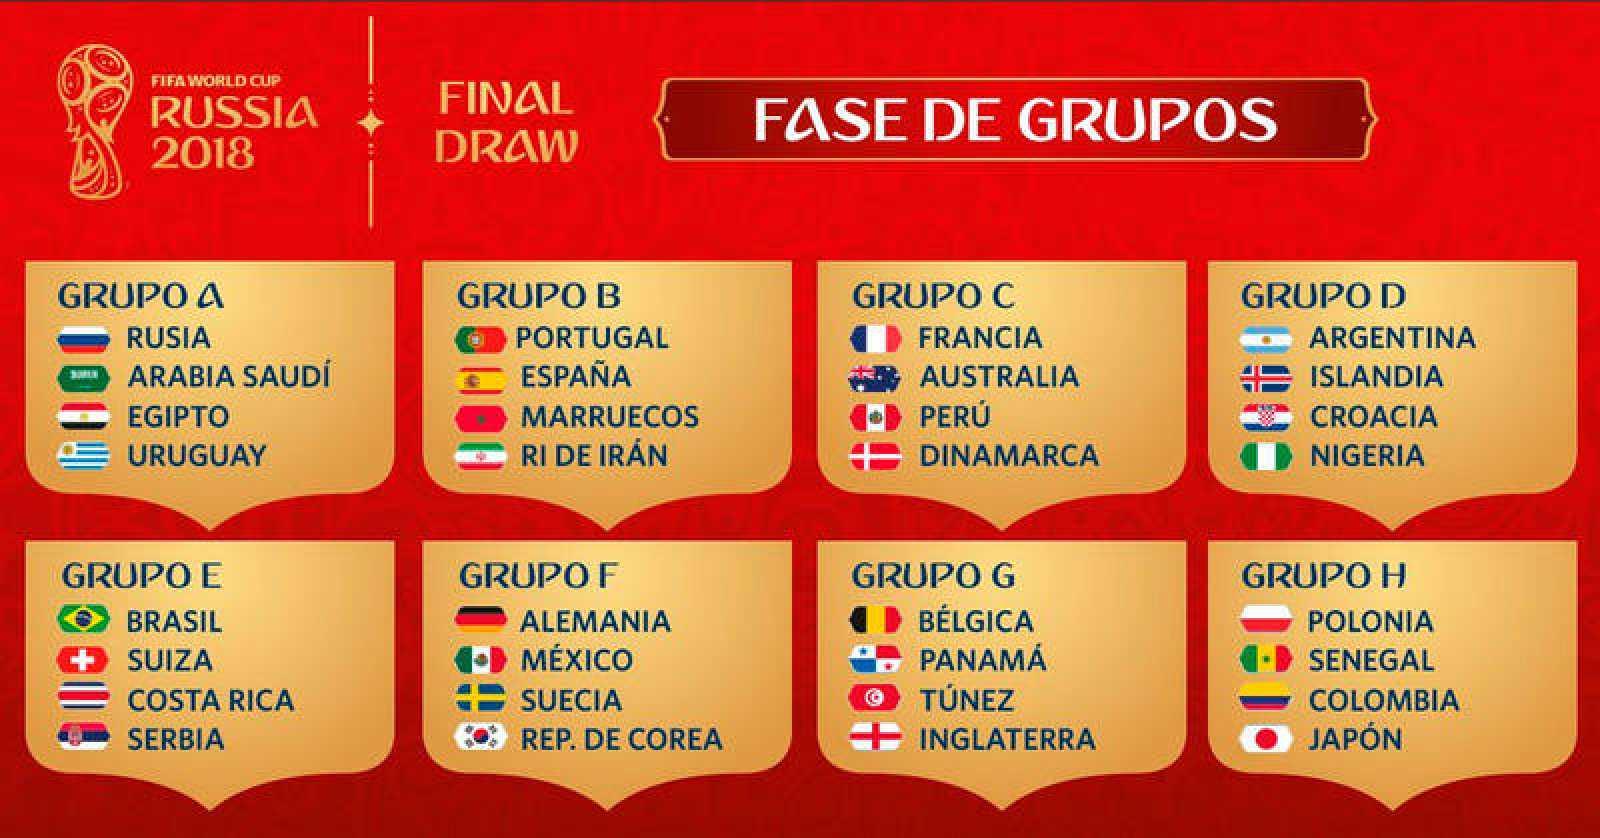 Así quedan configurados los grupos del Mundial de Rusia 2018.